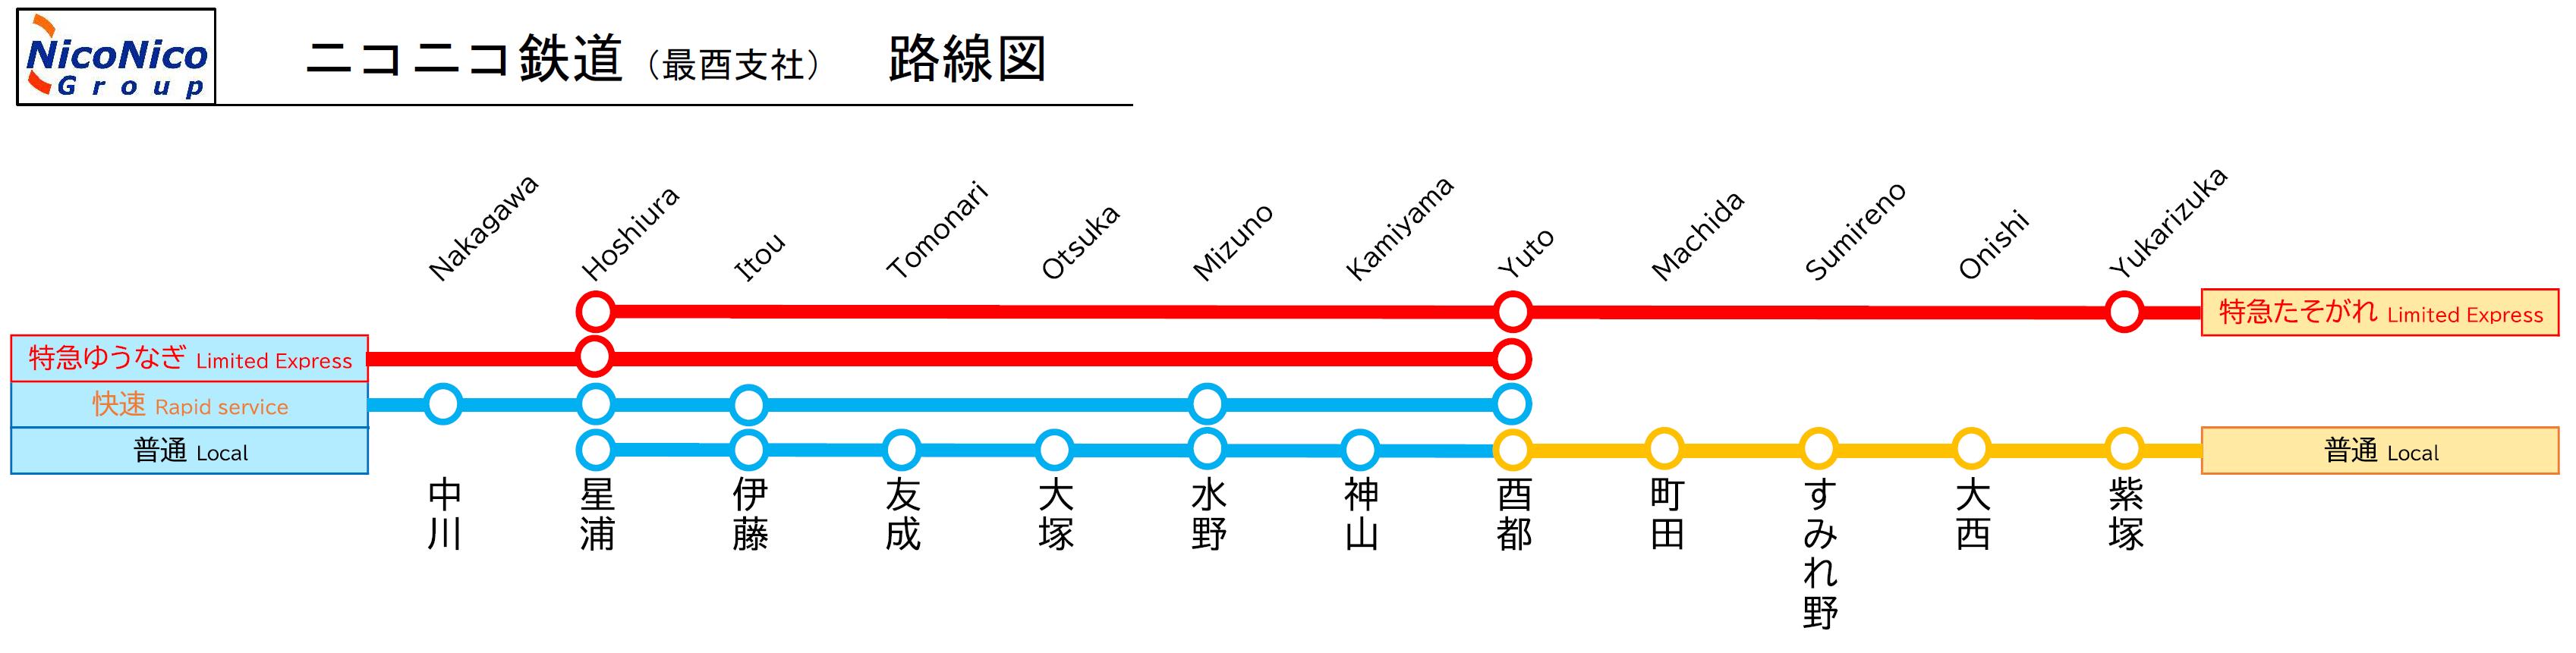 ニコ鉄最酉支社路線図(第五話).png